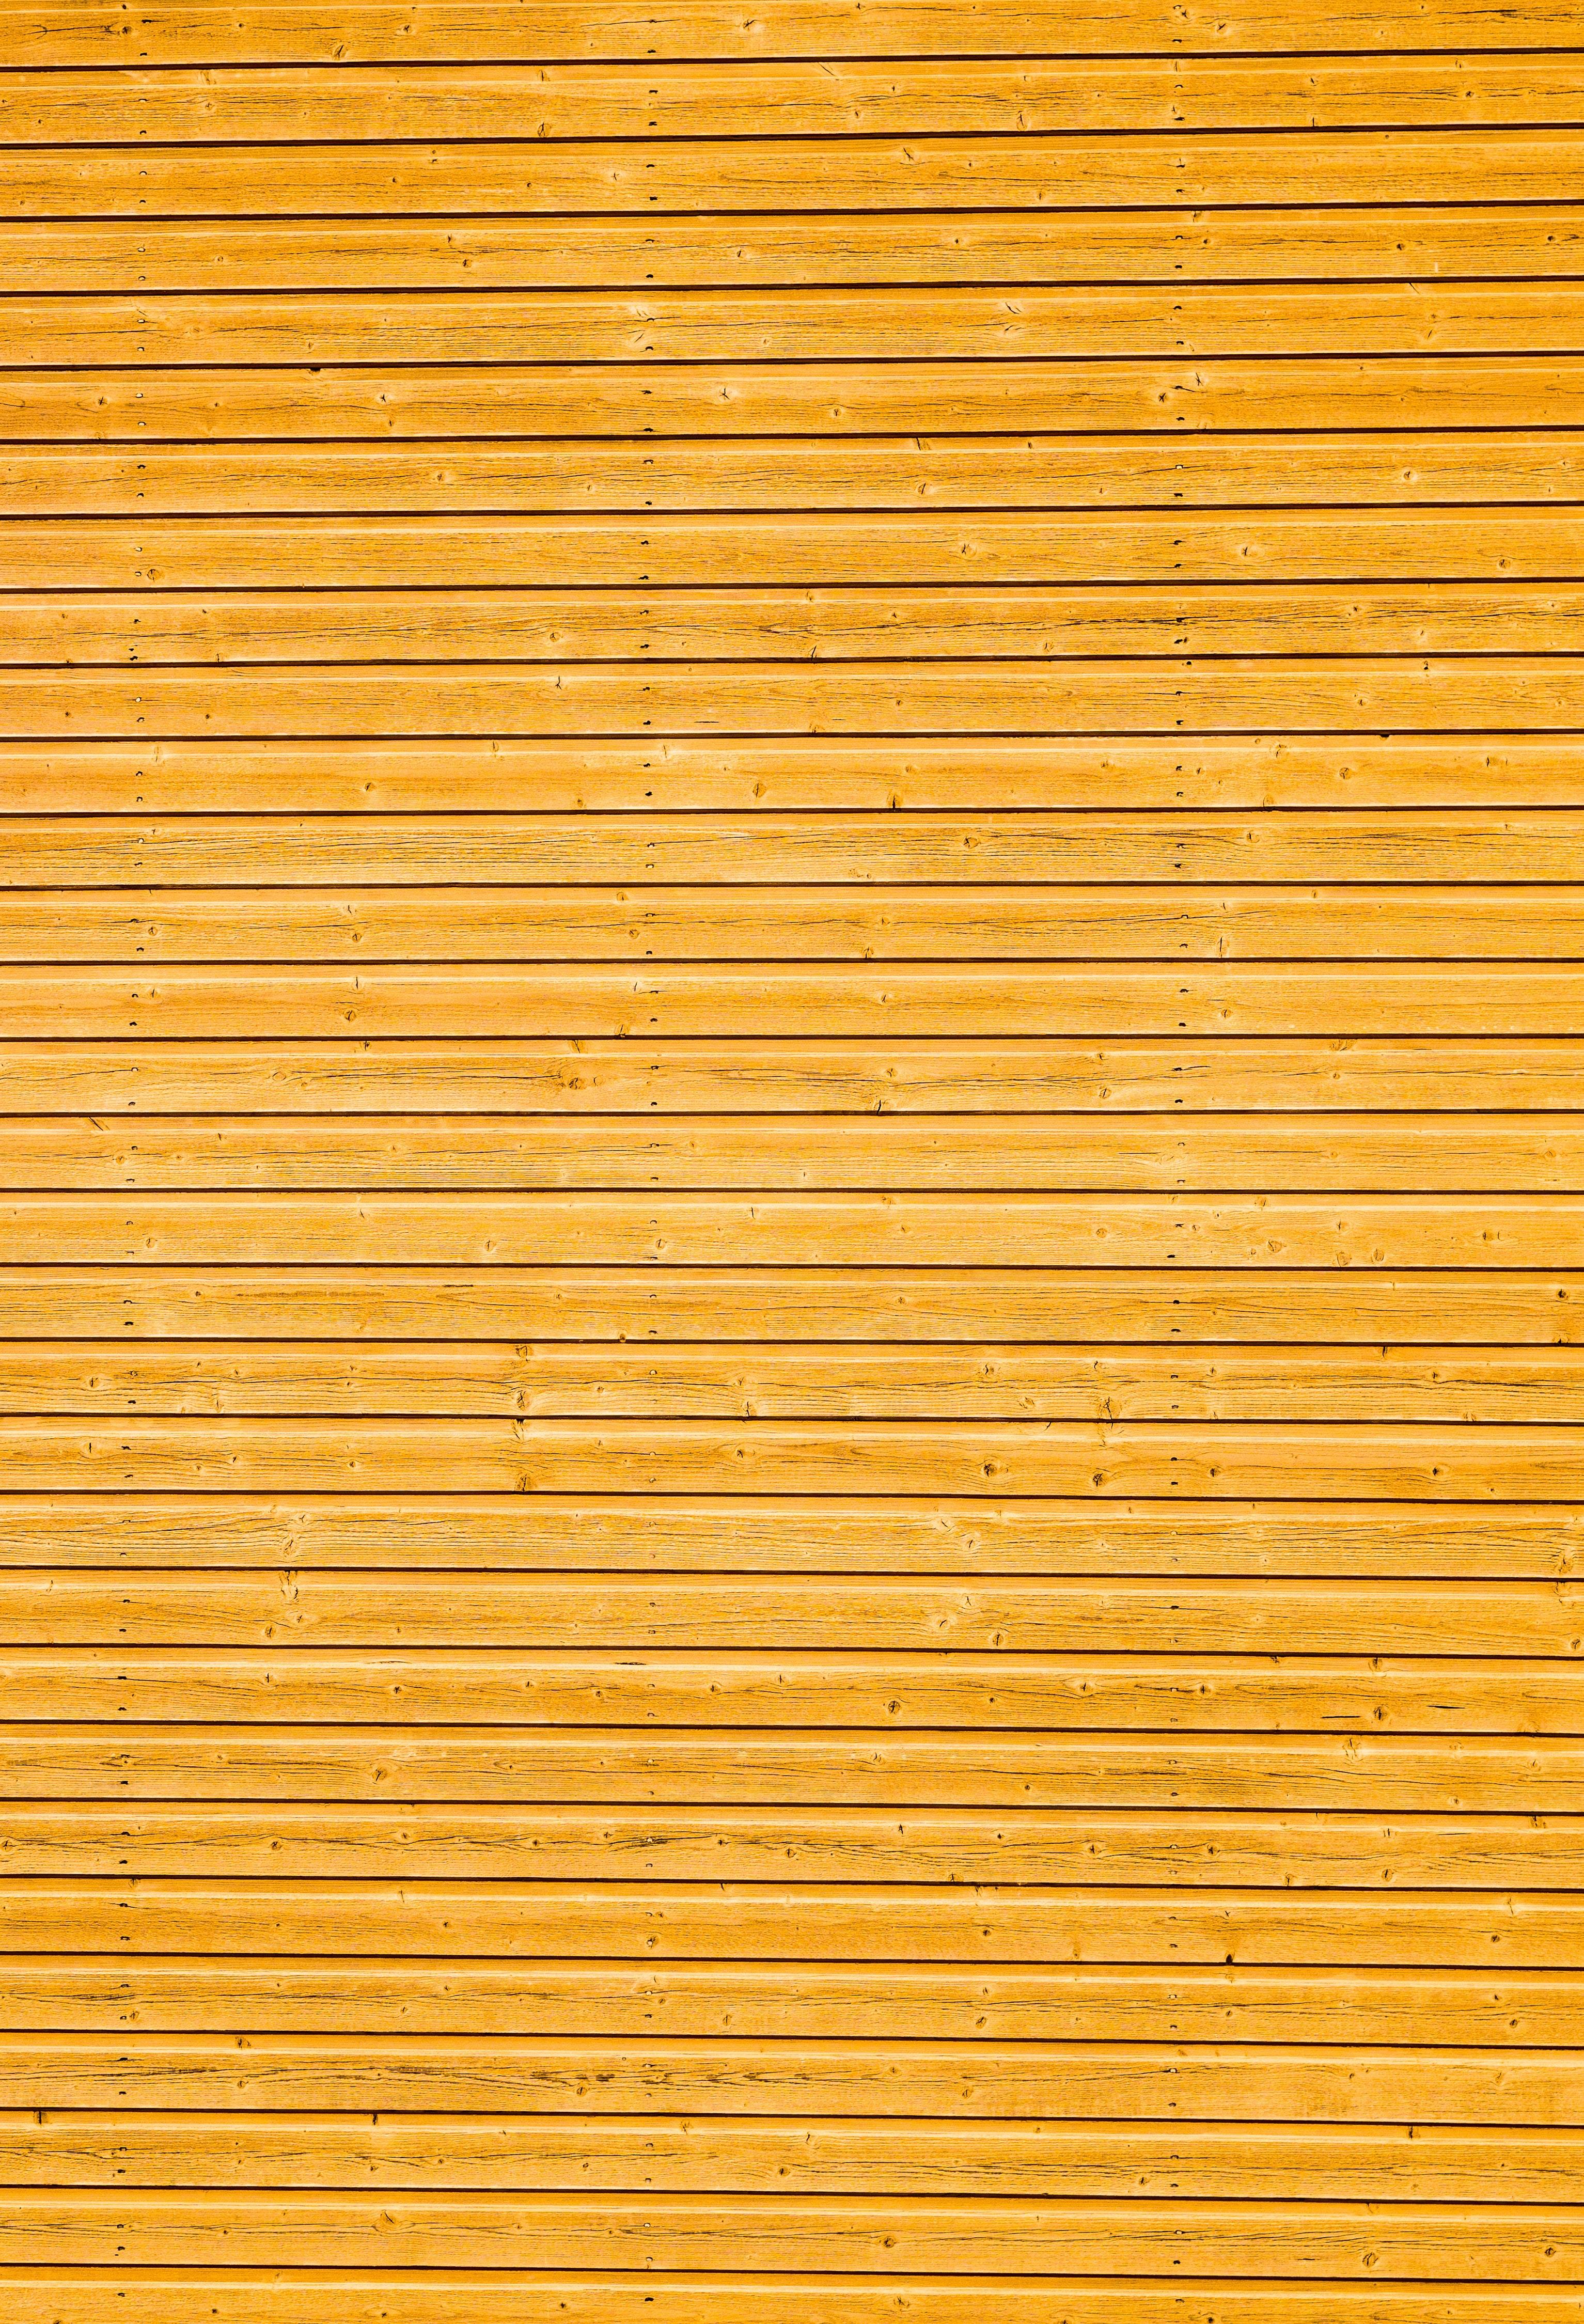 Full frame shot of yellow shutter photo